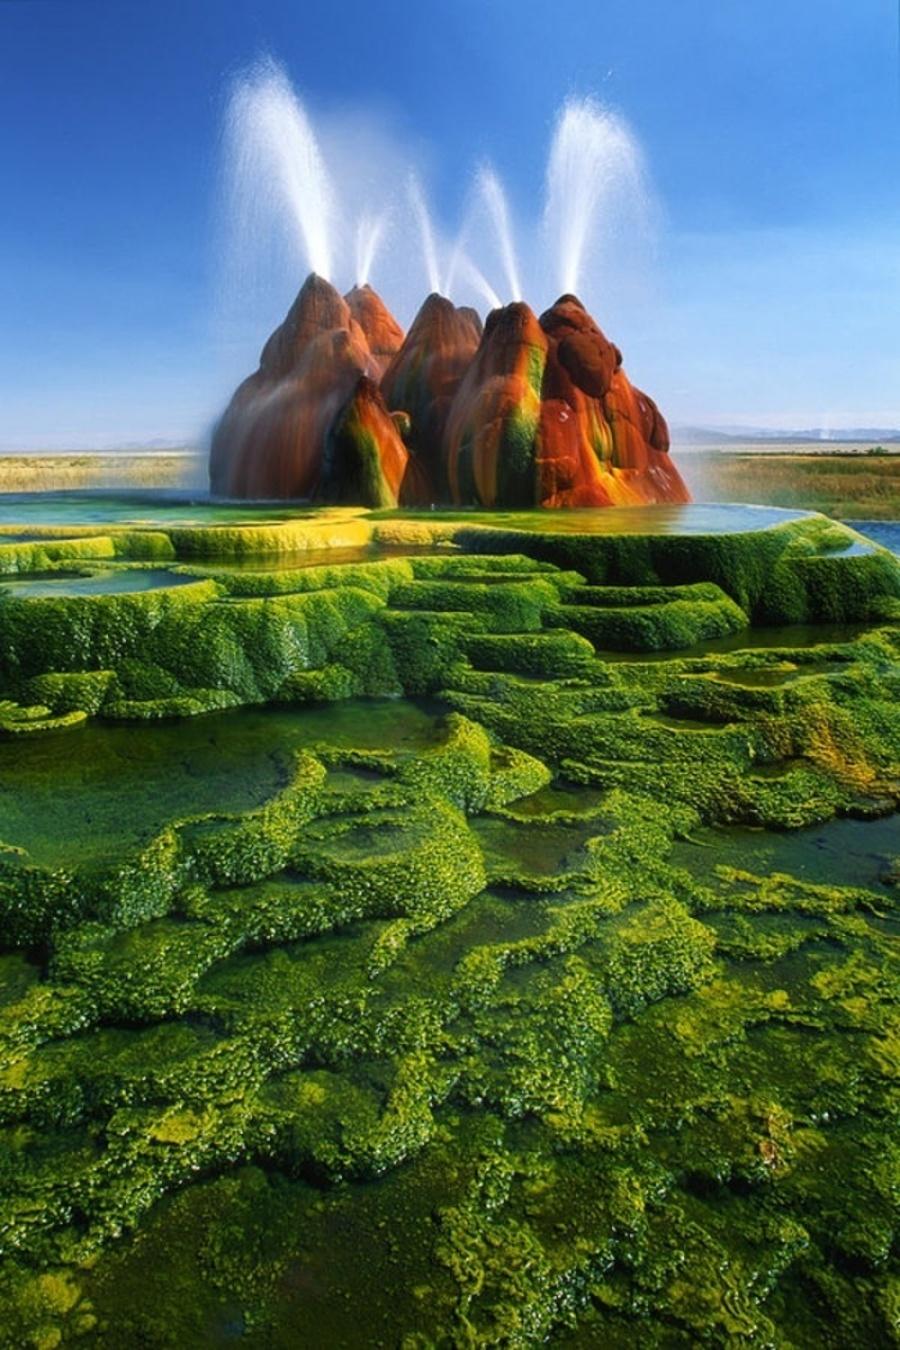 چشمه آب گرم پروازی، نوادا، ایالات متحده آمریکا